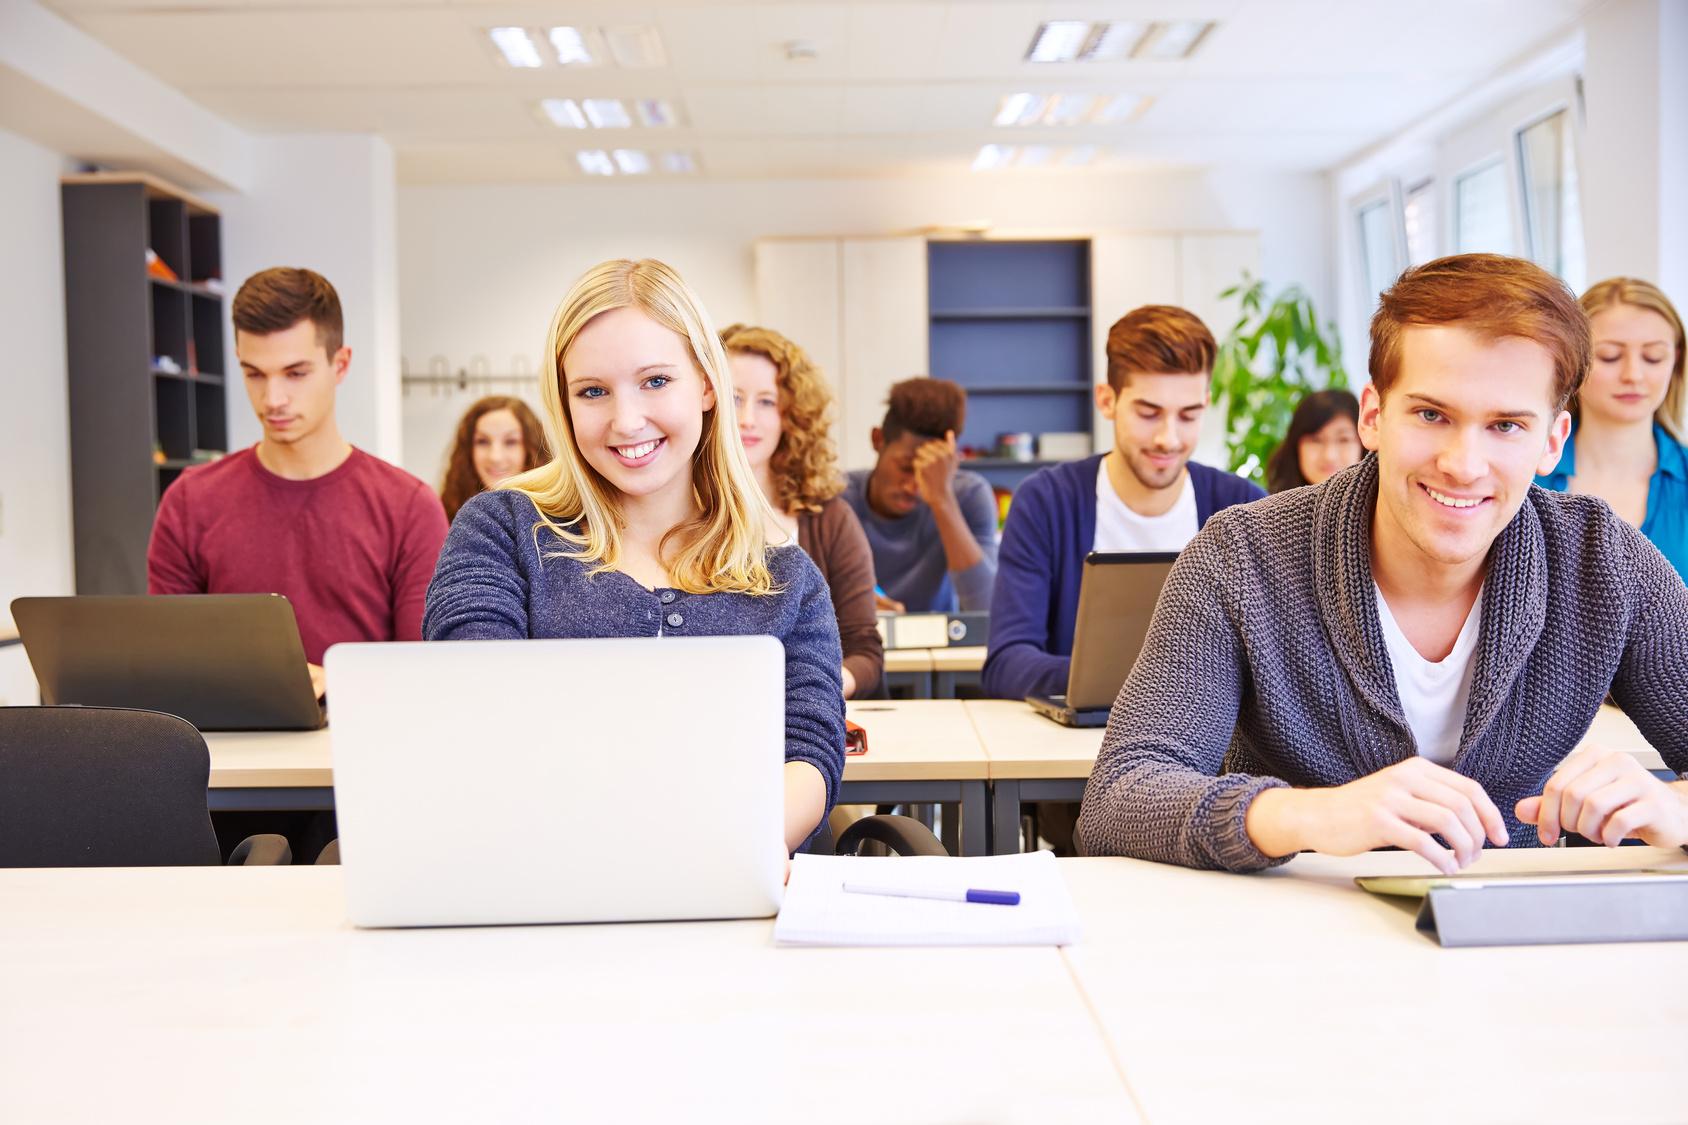 Studenten im Seminar lernen mit Computer in der Universität